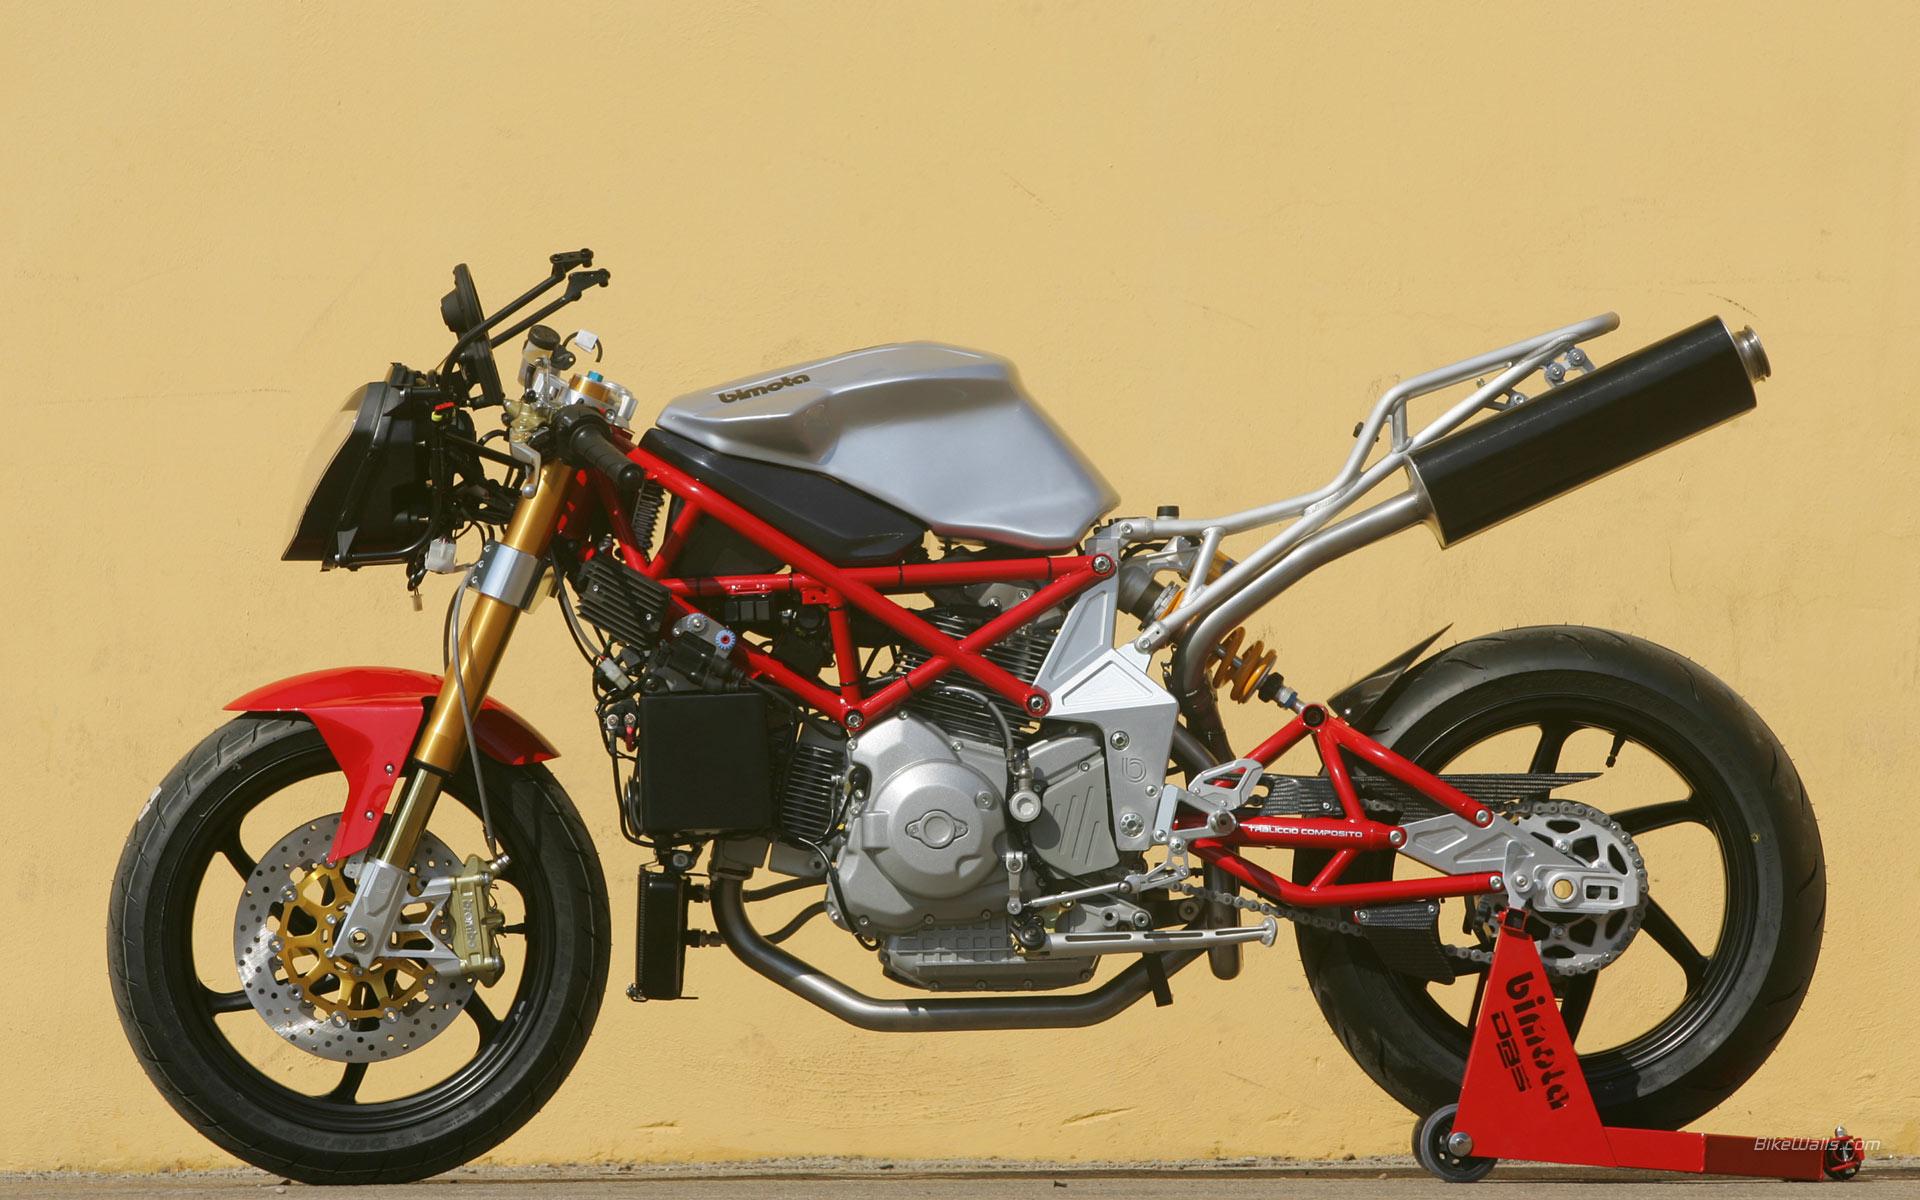 Bimota 1000 DB5 2006 - 20